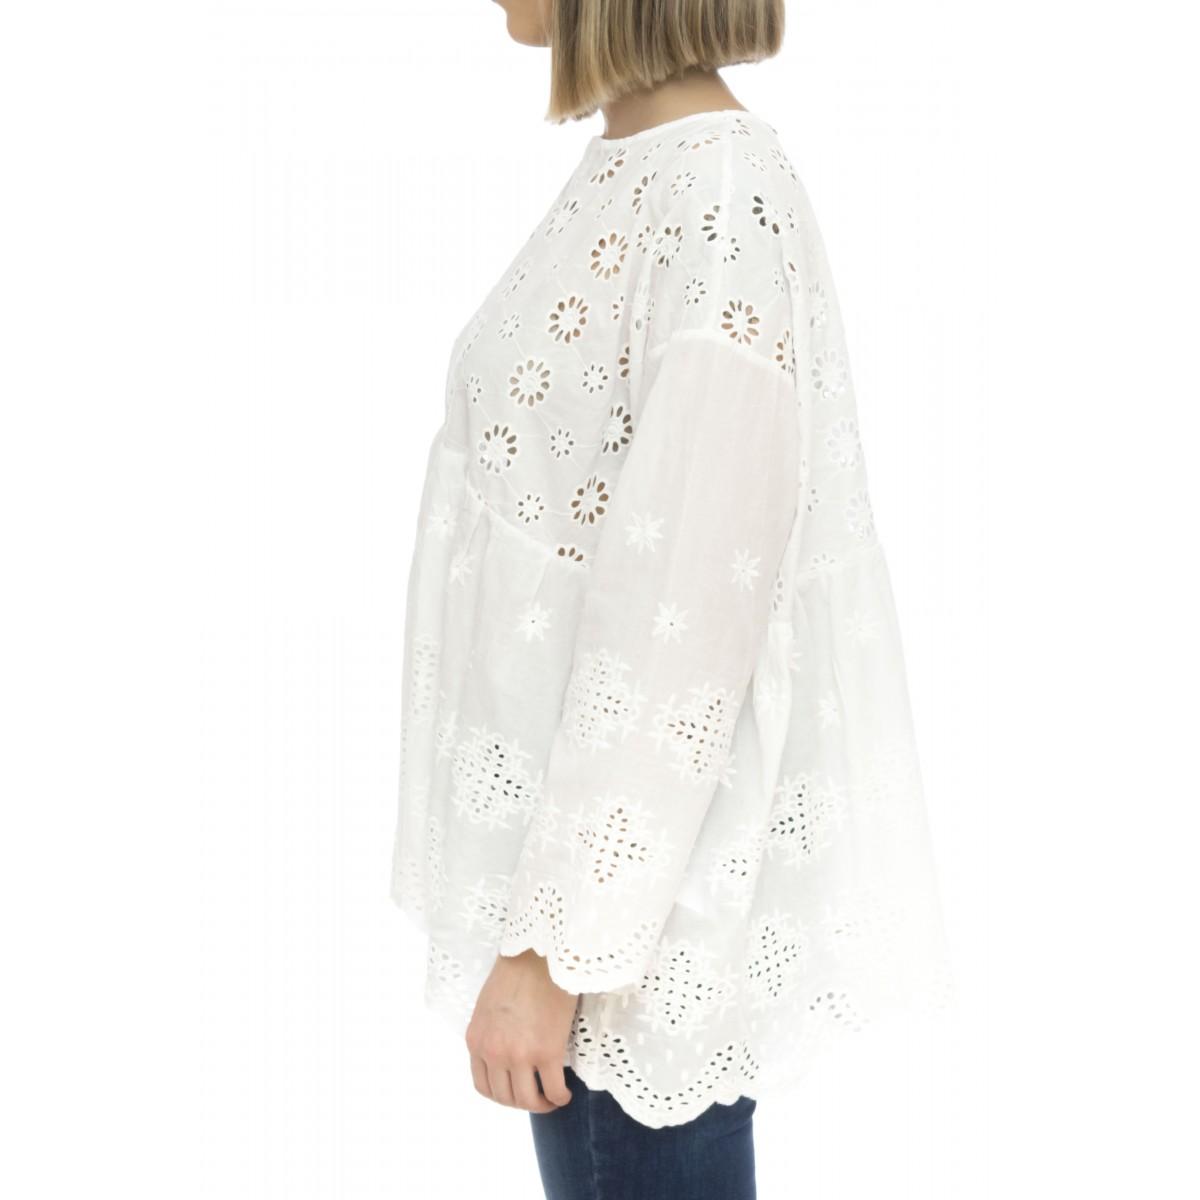 Camicia donna - Casacca san gallo